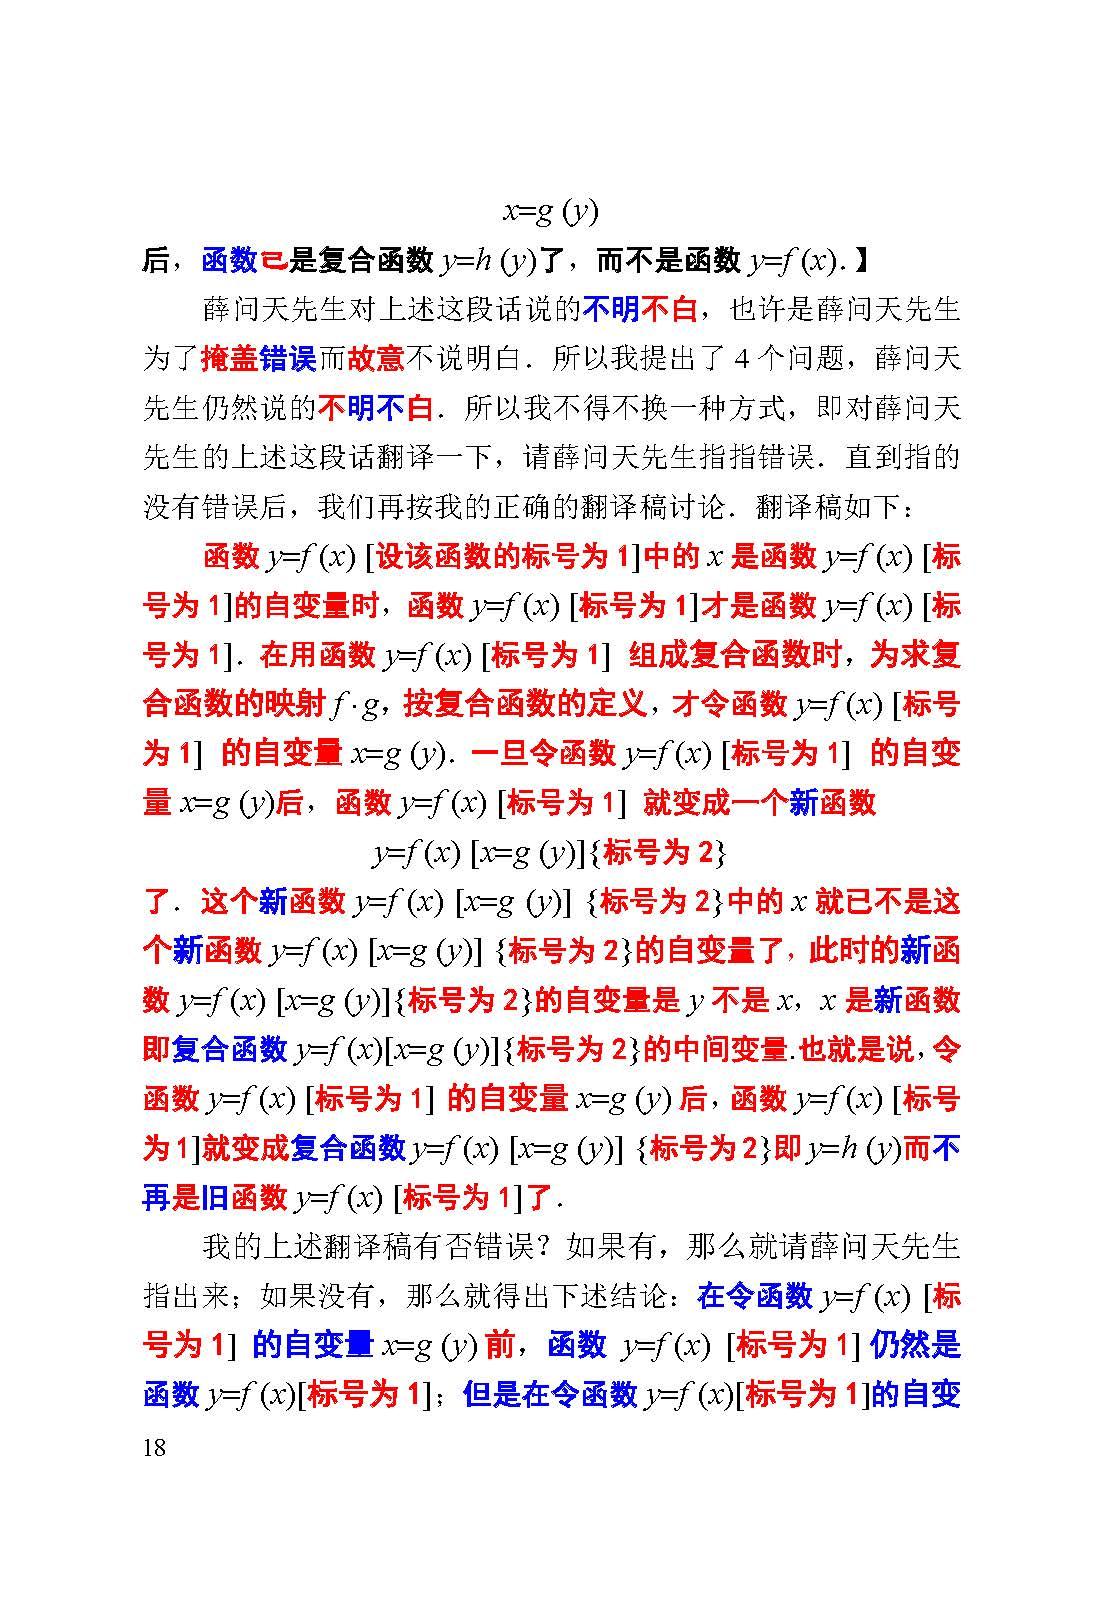 评薛问天先生的文章0408_页面_18.jpg